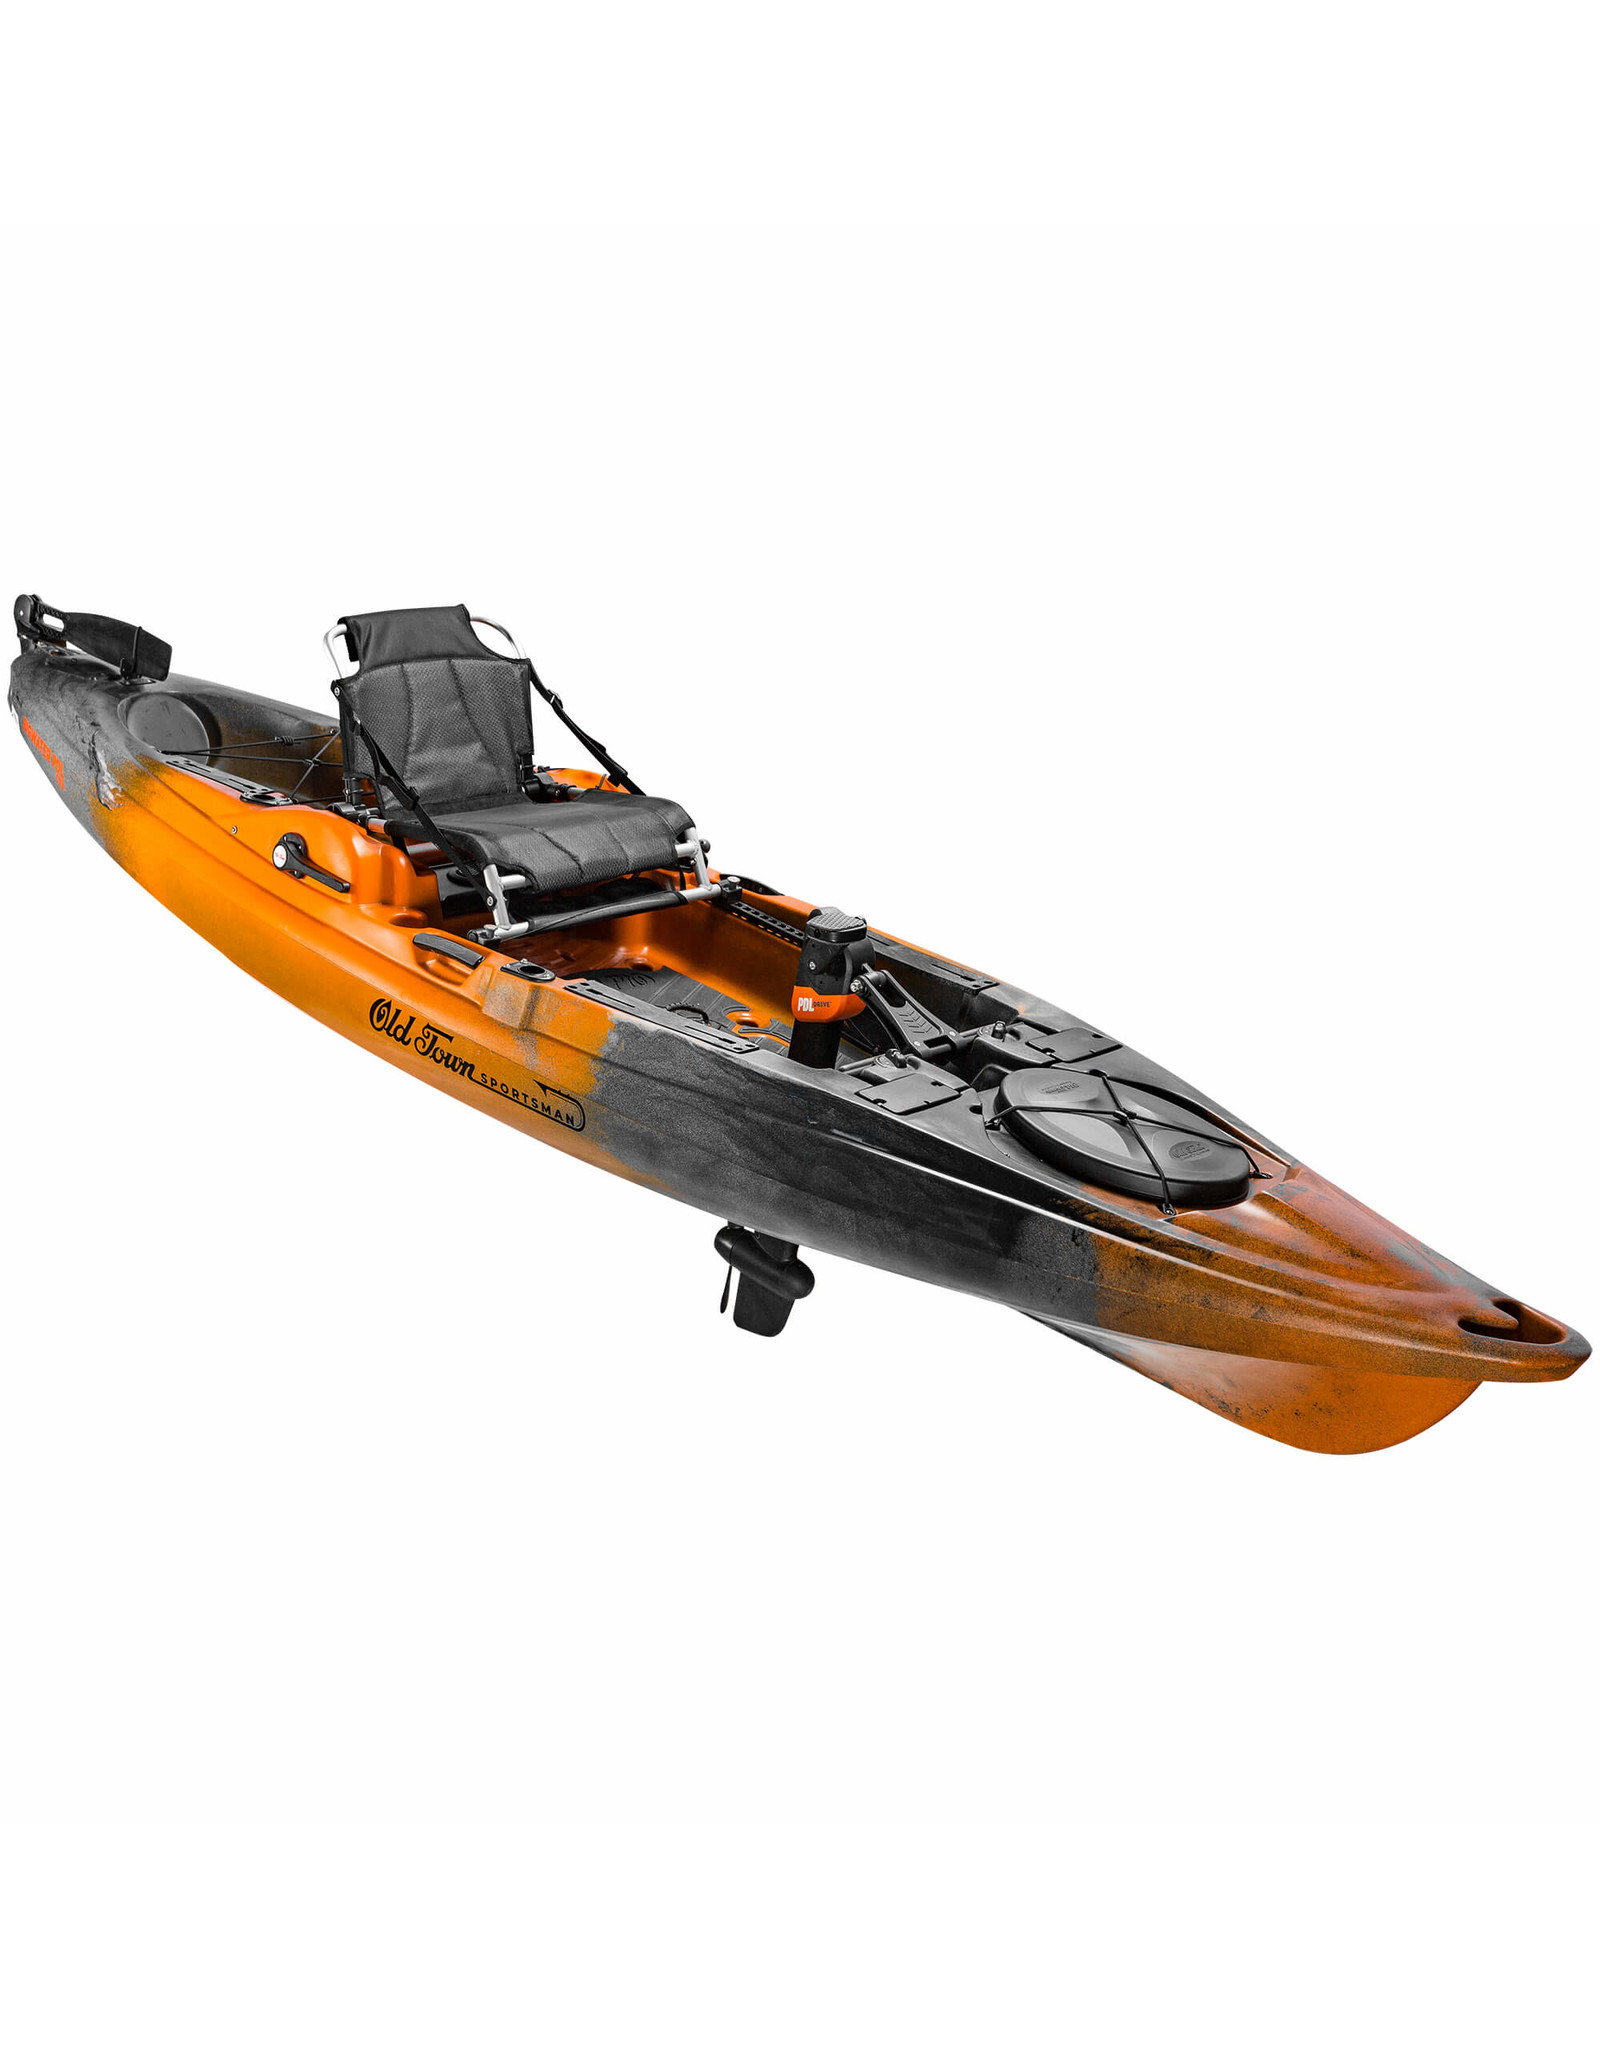 Old Town Old Town kayak Sportsman Big Water 132 PDL (2021)